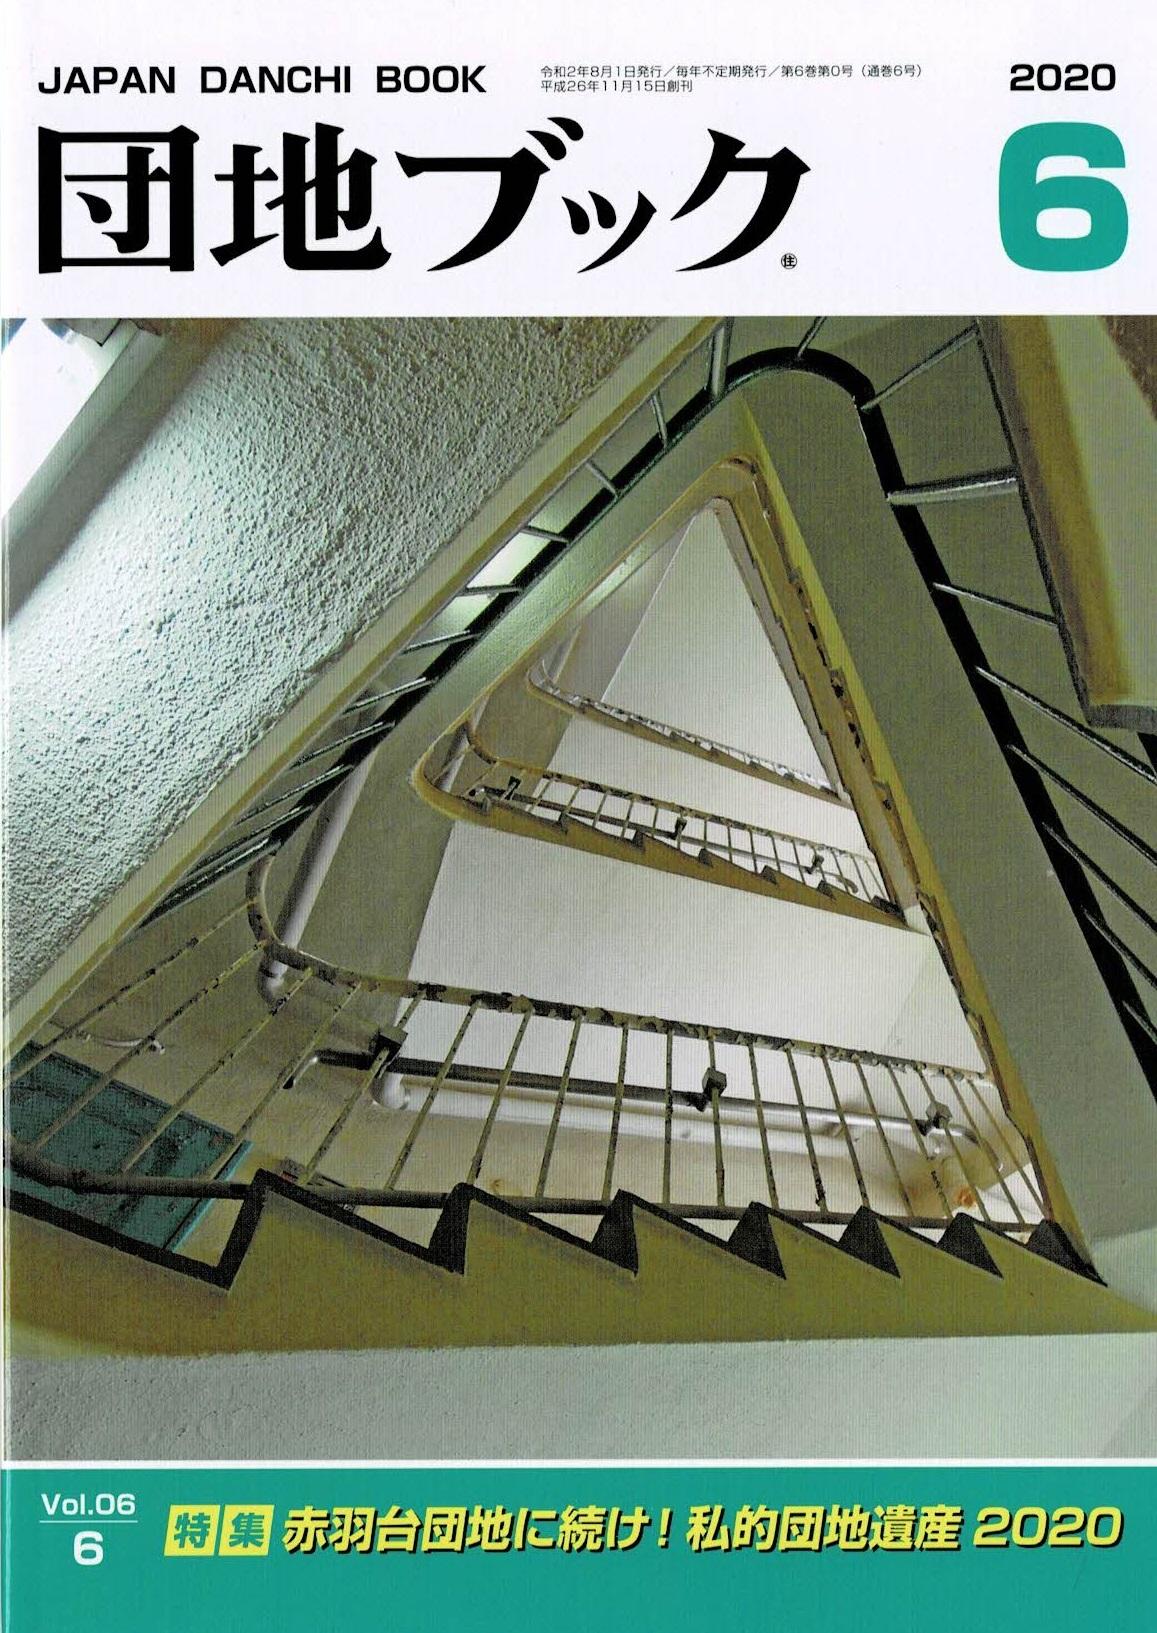 団地ブック6 特集:赤羽団地に続け! 私的団地遺産 2020 【チーム4.5畳】画像